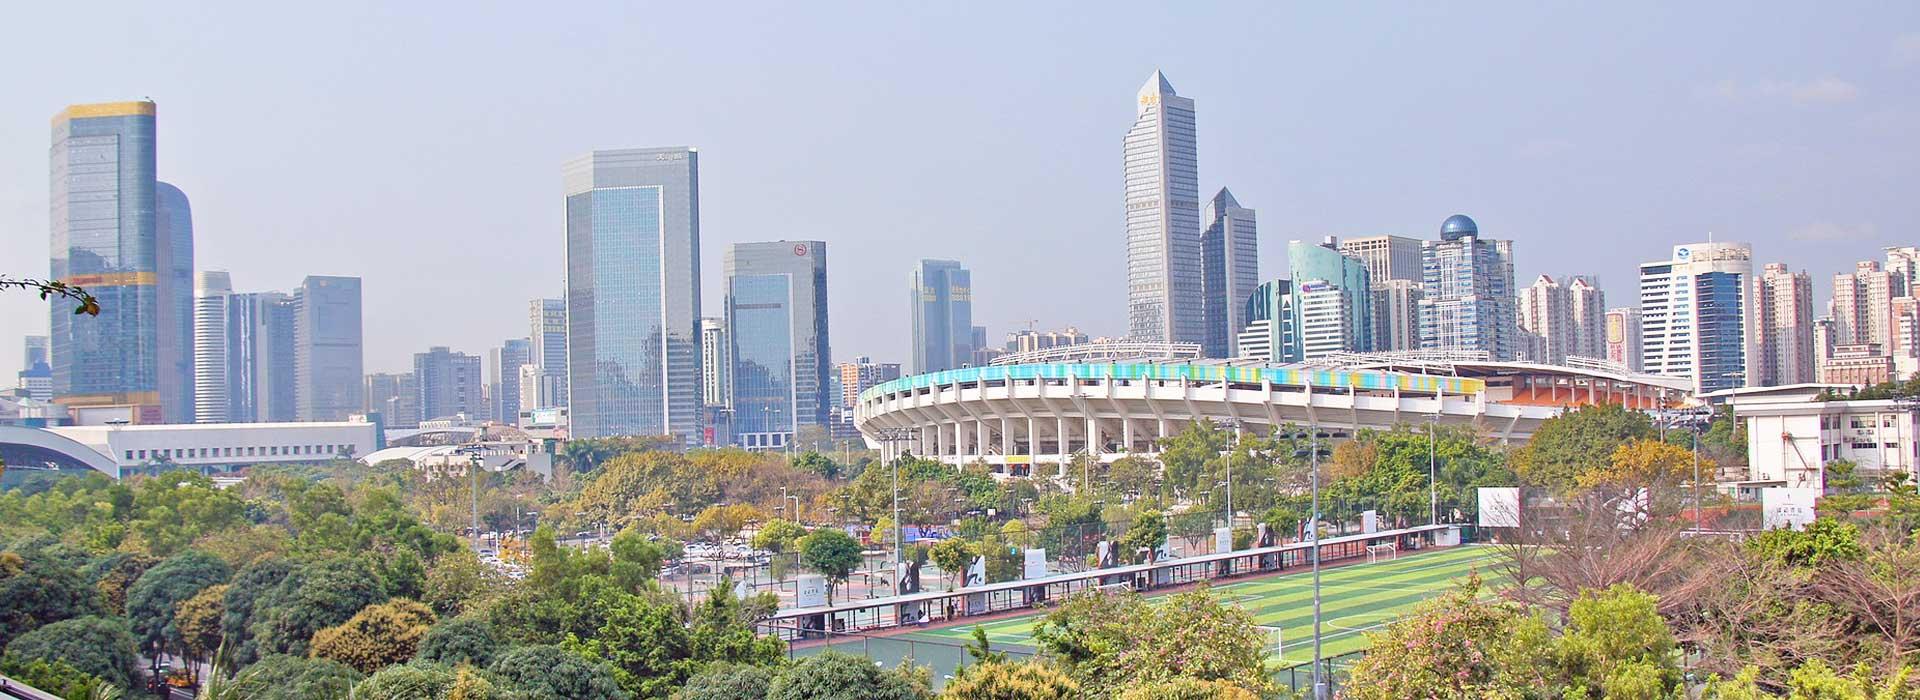 4D3N Discover Guangzhou and Zhuhai